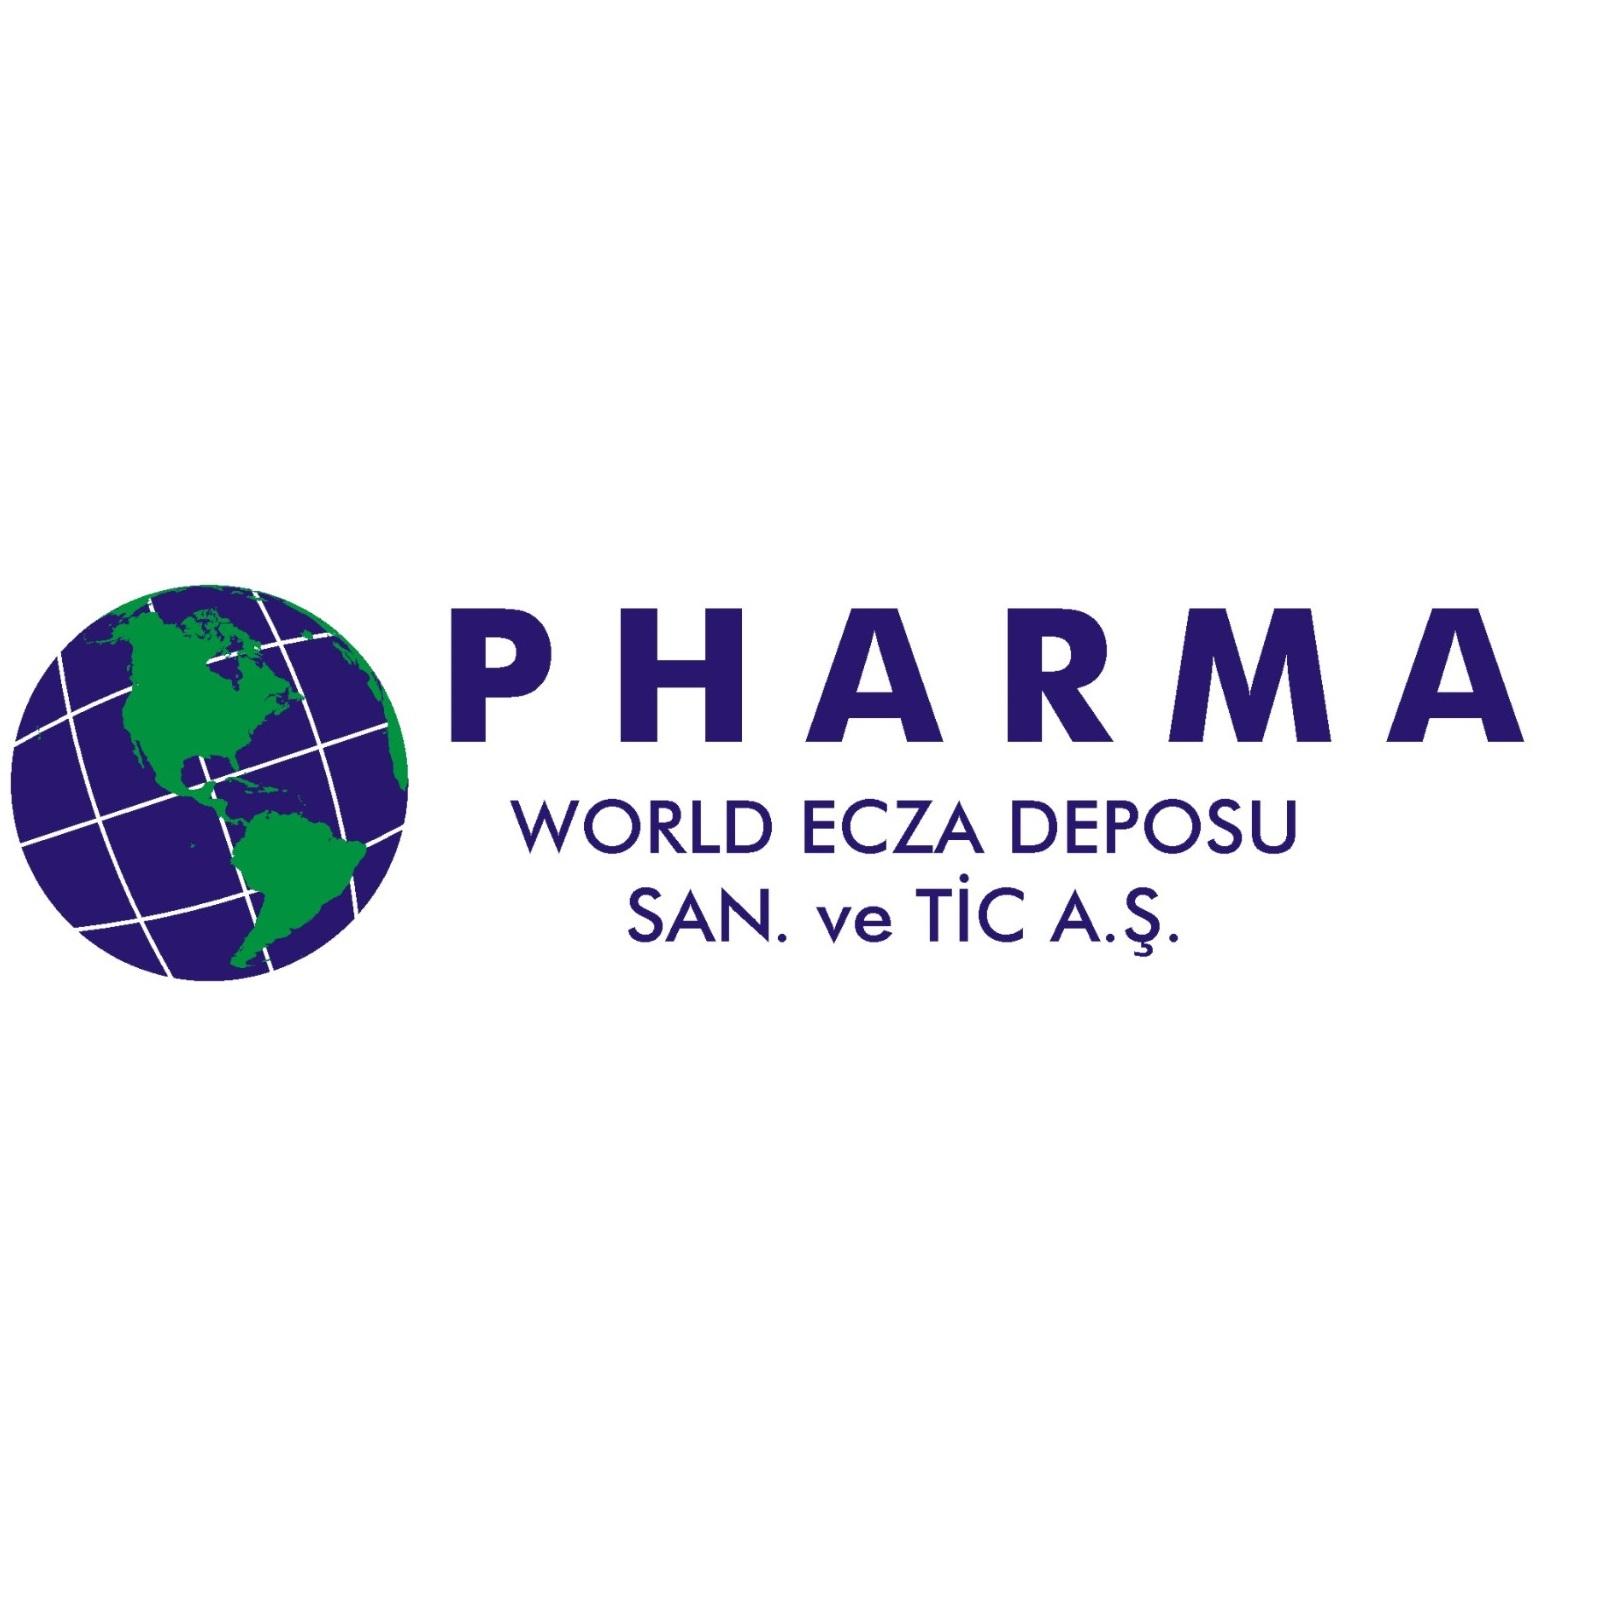 PHARMA WORLD ECZA DEPOSU A.S.